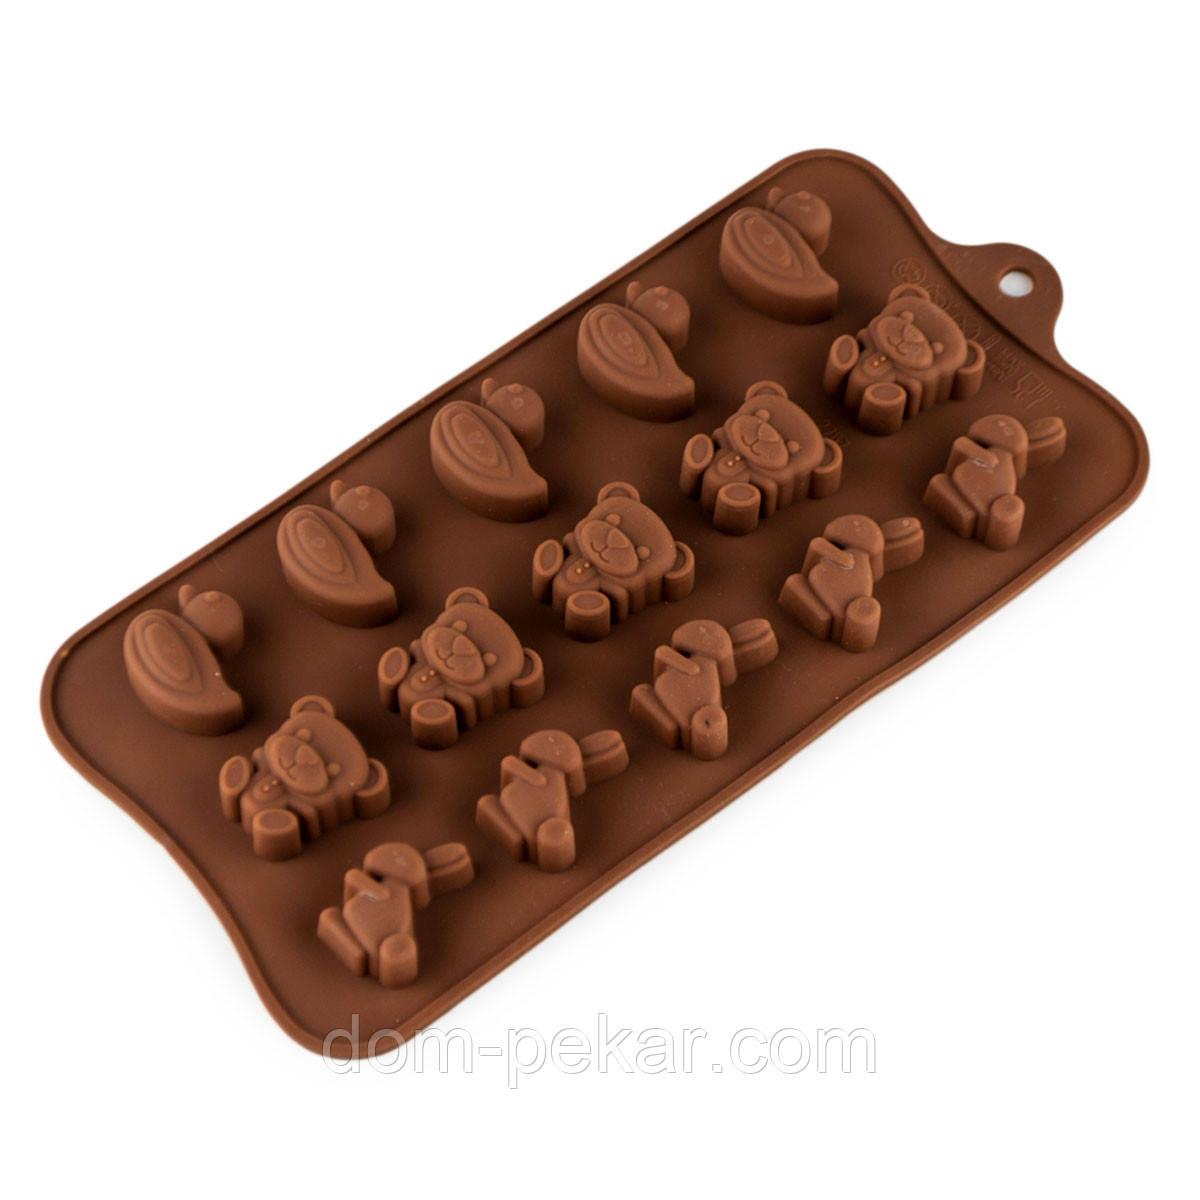 Форма для конфет силикон Утка, зайцы 15 шт